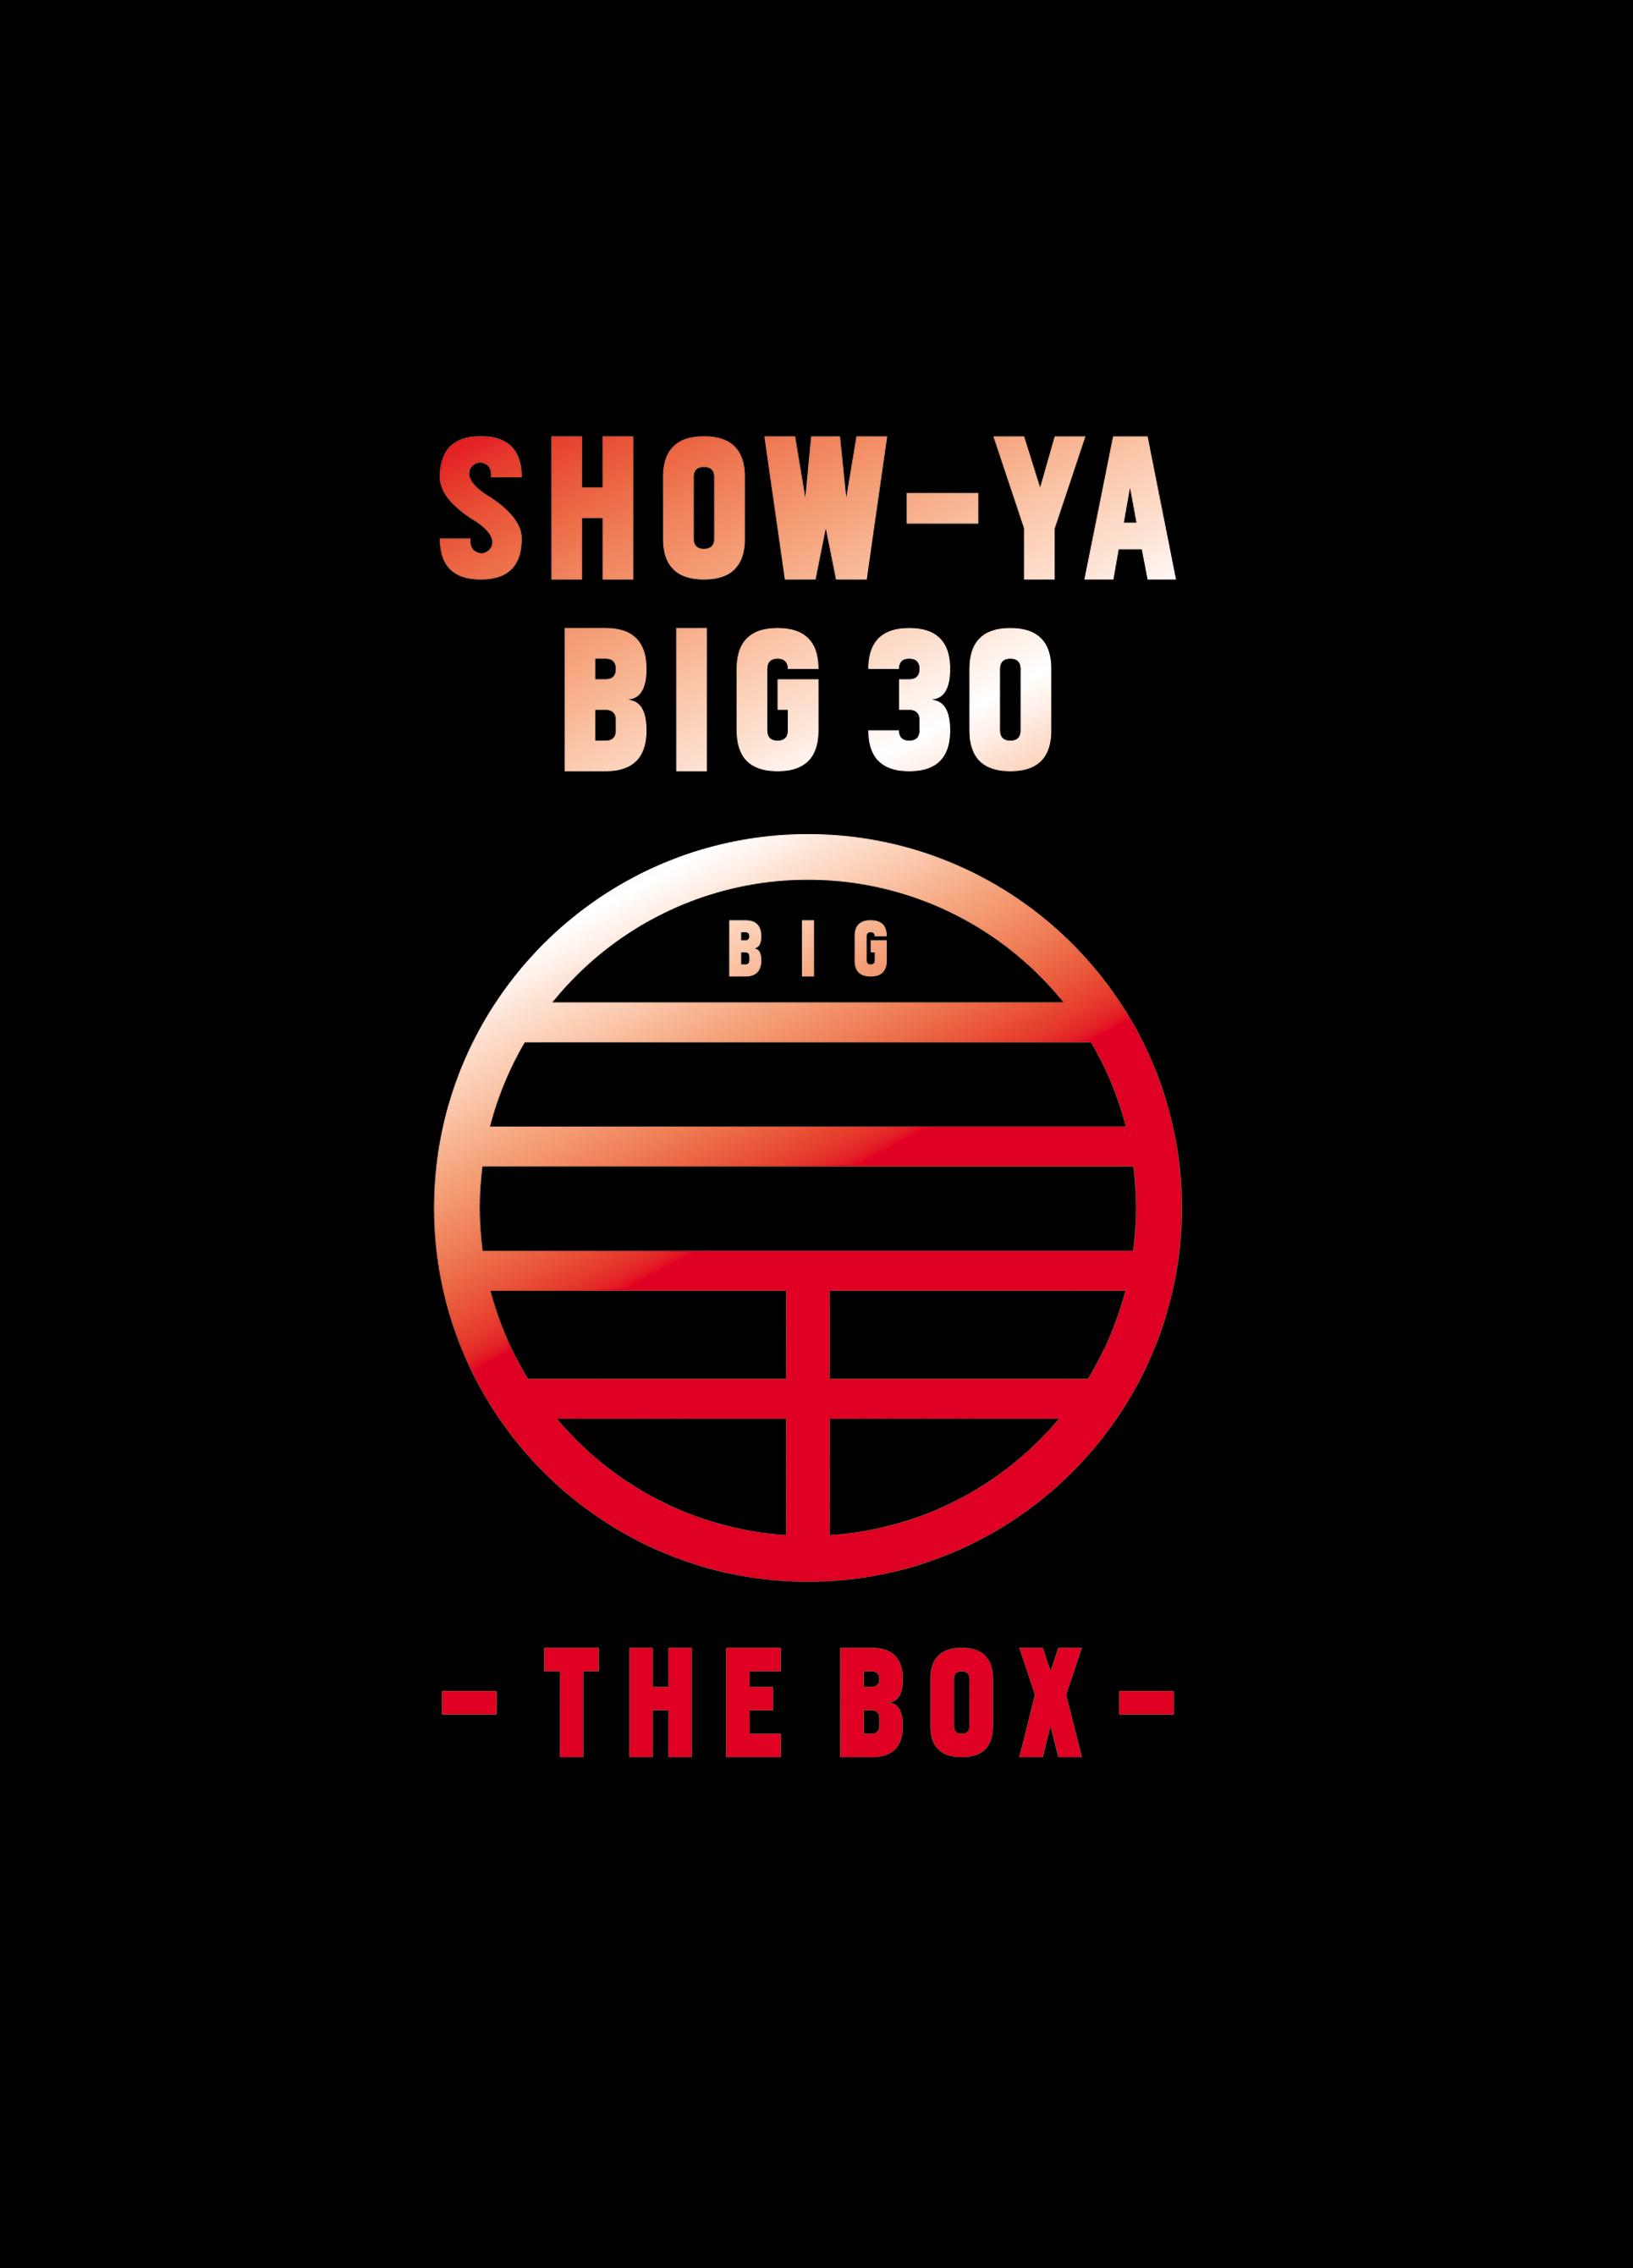 SHOW-YA BIG 30-THE BOX-